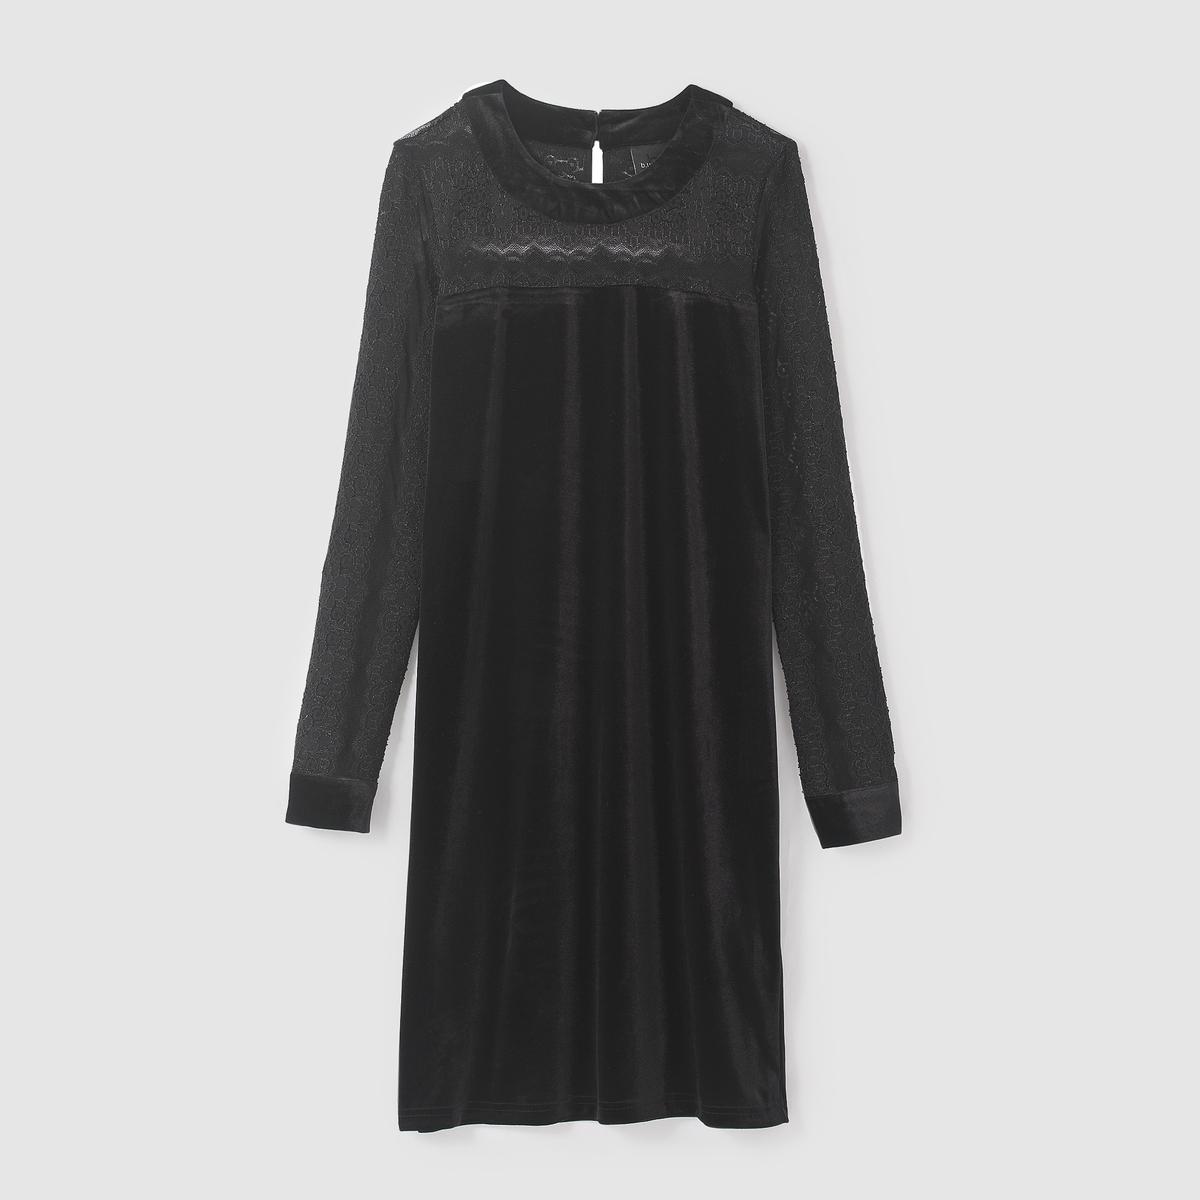 Платье однотонное короткое, длинные рукаваДетали   •  Форма :прямое  •  короткое  •  Длинные рукава    •  Круглый вырезСостав и уход • 27% хлопка, 4% эластана, 69% полиэстера  •  Следуйте советам по уходу, указанным на этикетке<br><br>Цвет: черный<br>Размер: 38 (FR) - 44 (RUS)